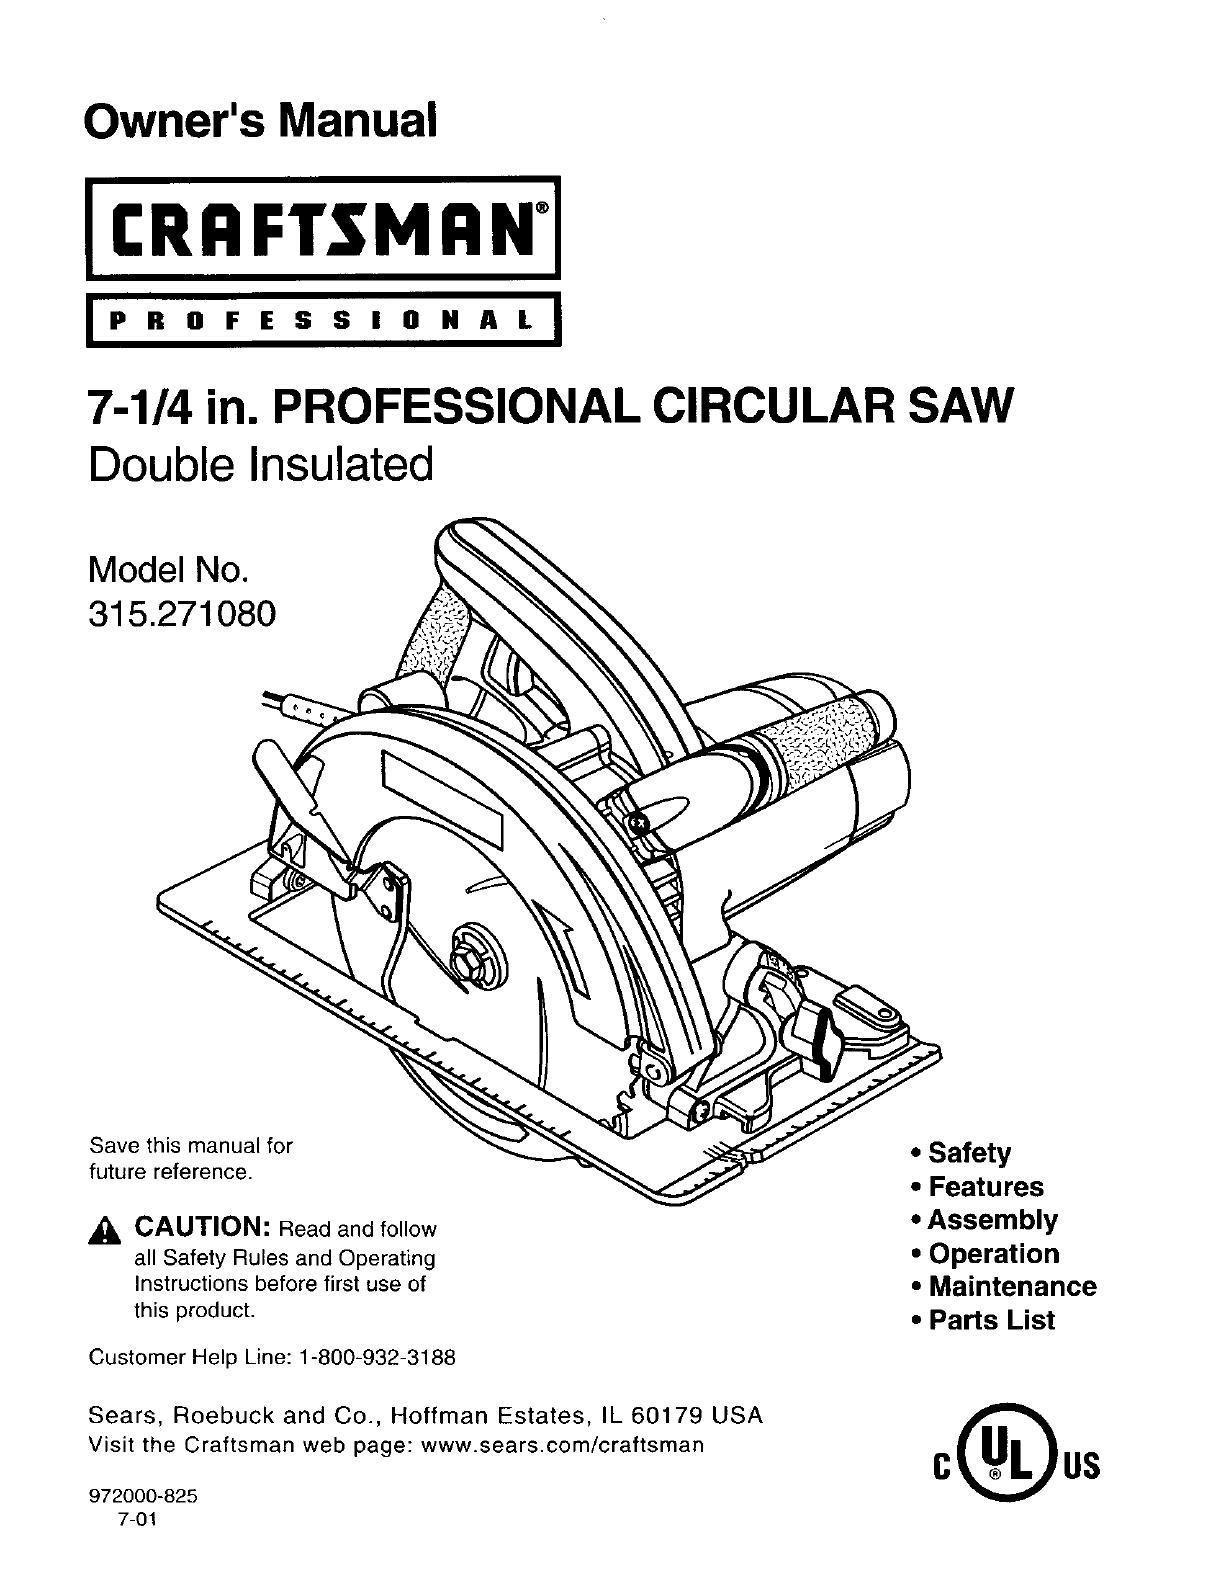 Craftsman 315271080 User Manual CIRCULAR SAW Manuals And Guides L0202284UserManual.wiki